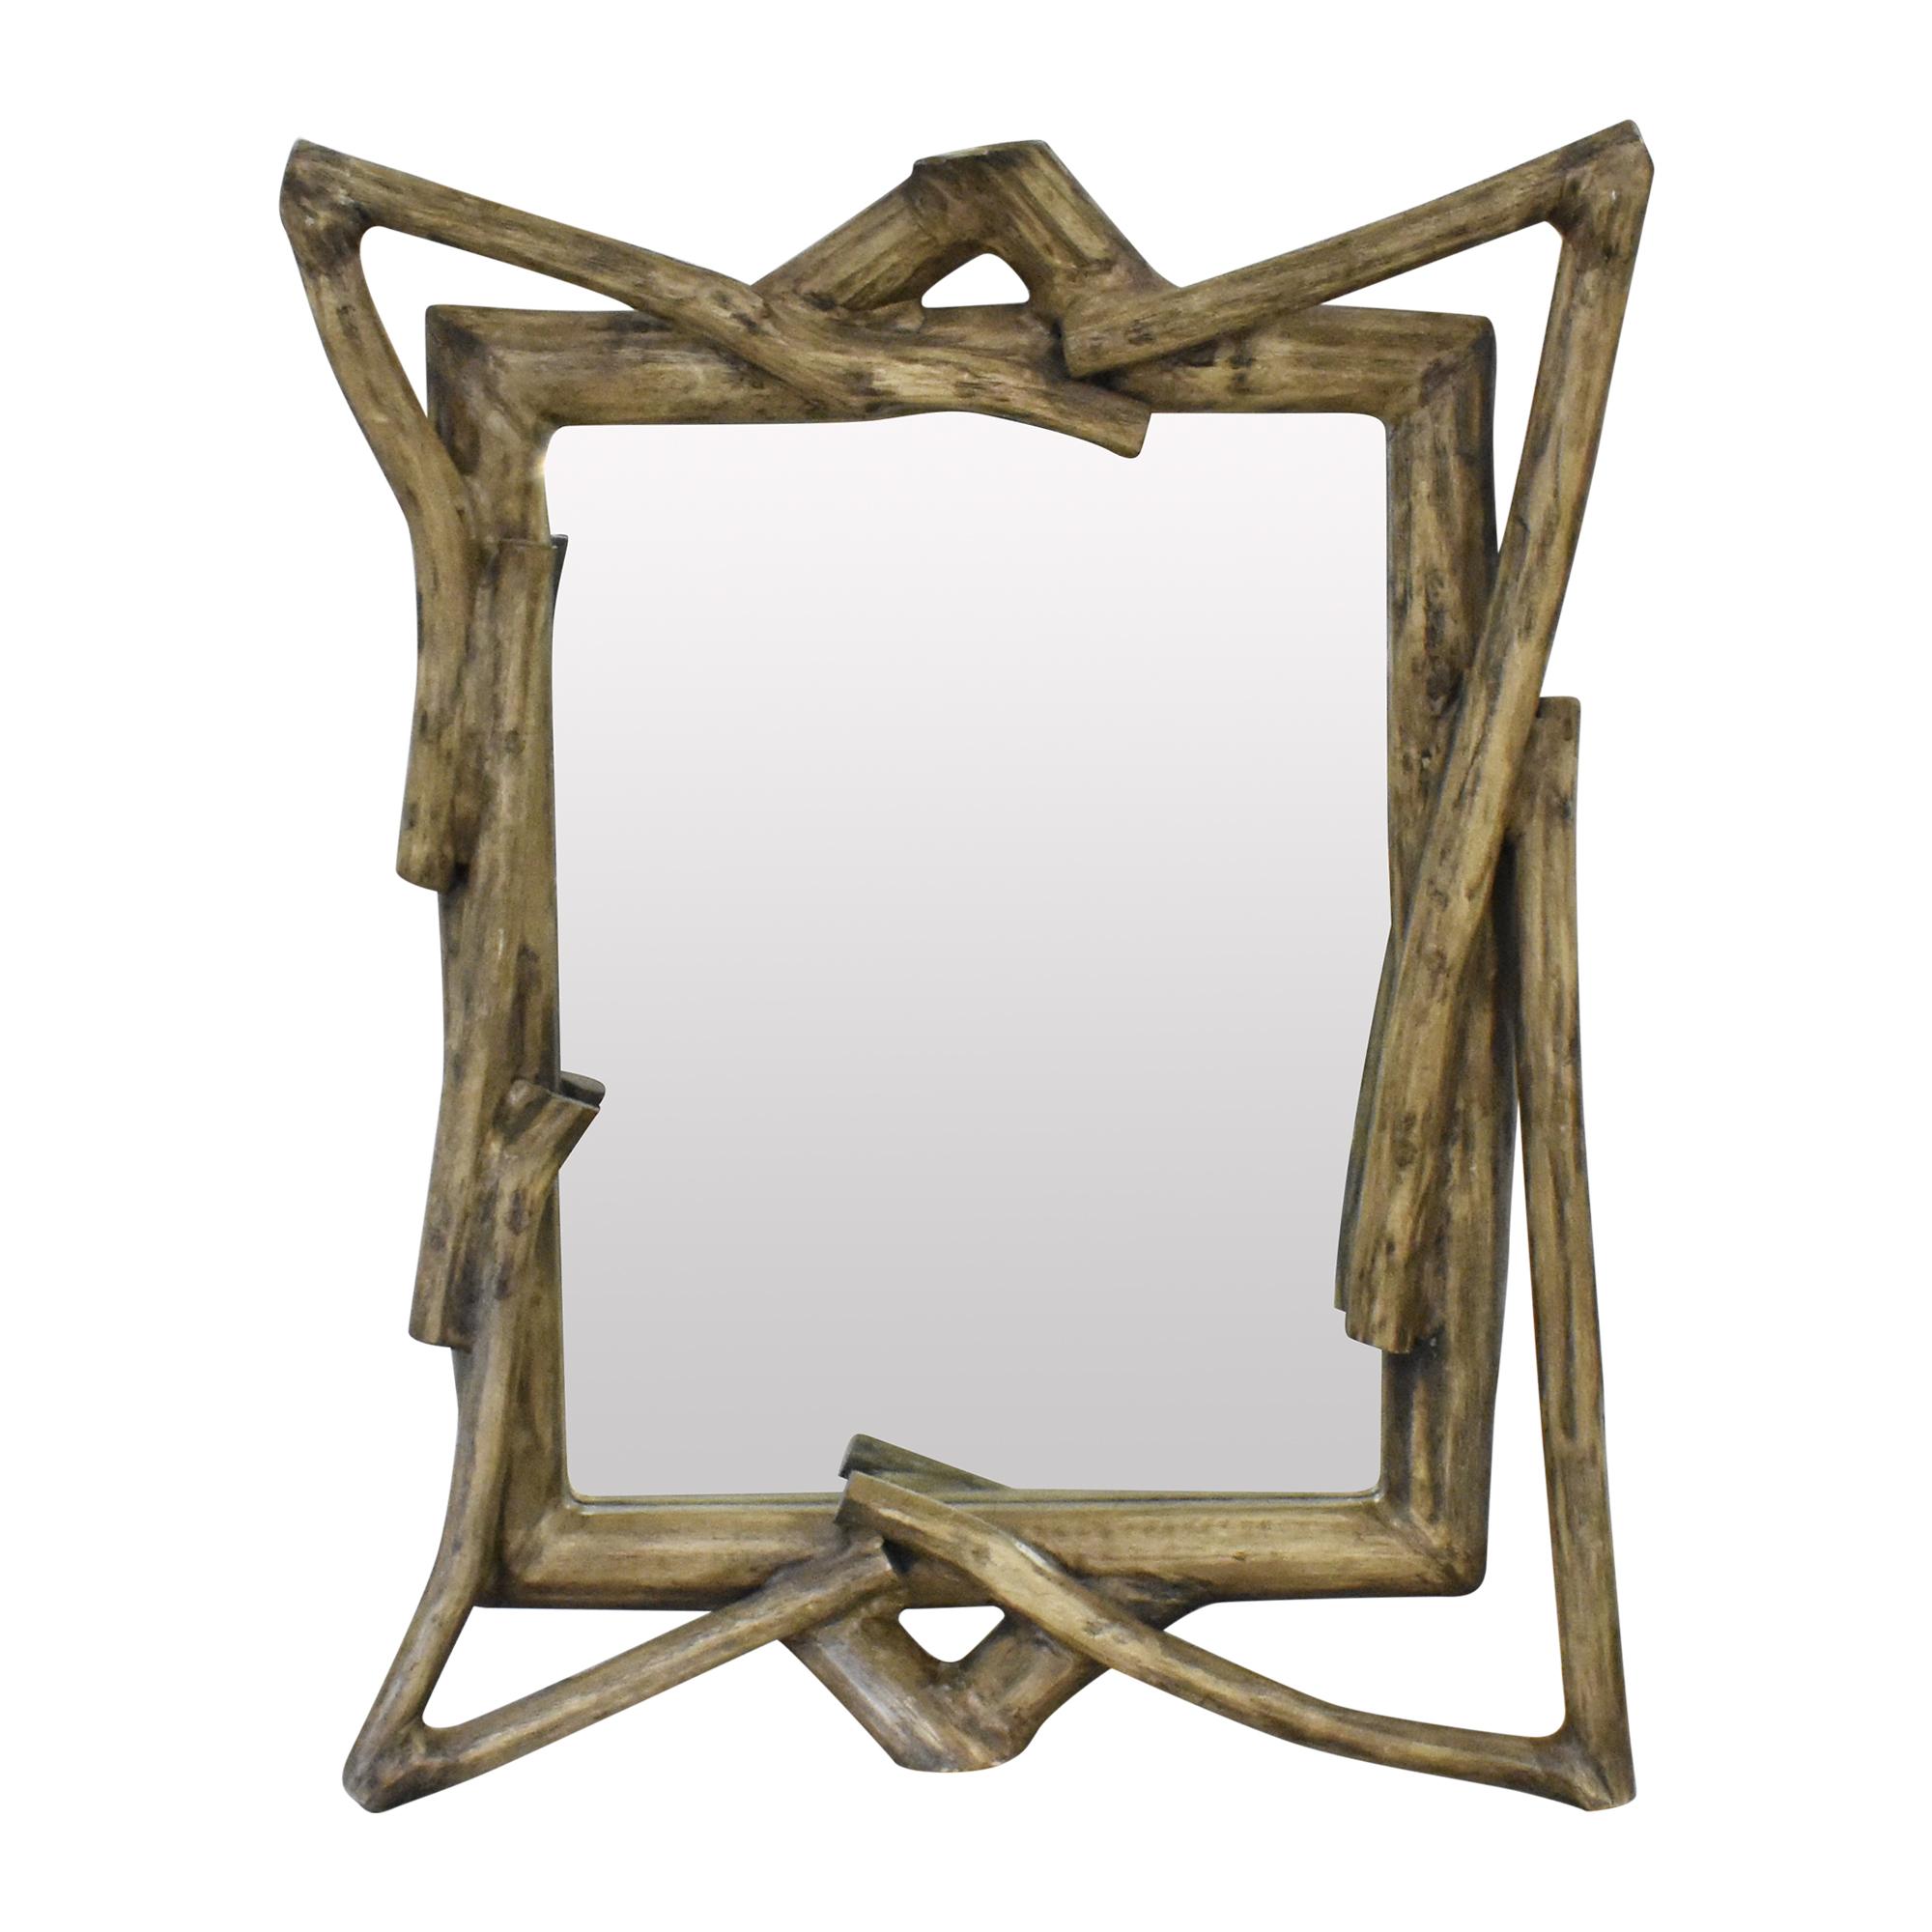 West Elm West Elm Rustic Wall Mirror